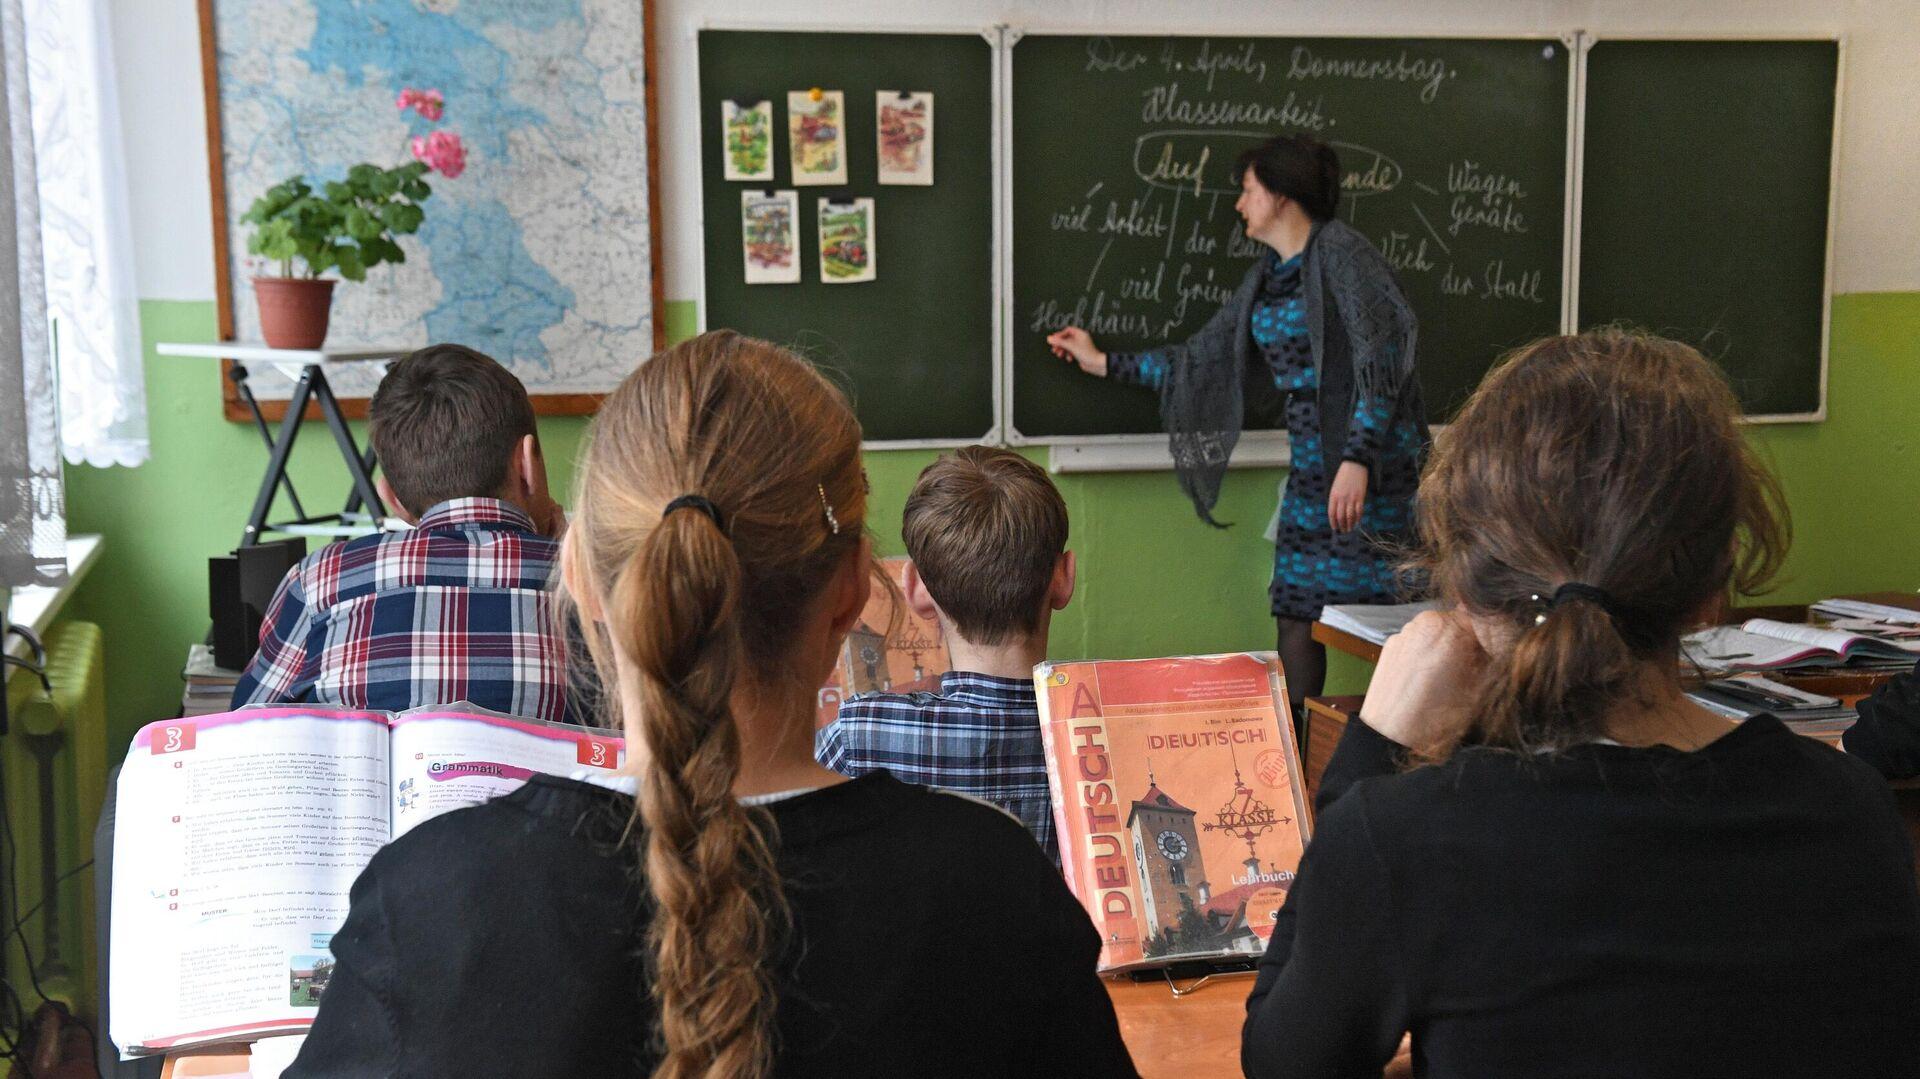 Ученики на уроке в школе деревне Аполлоновка в Омской области - РИА Новости, 1920, 19.10.2020